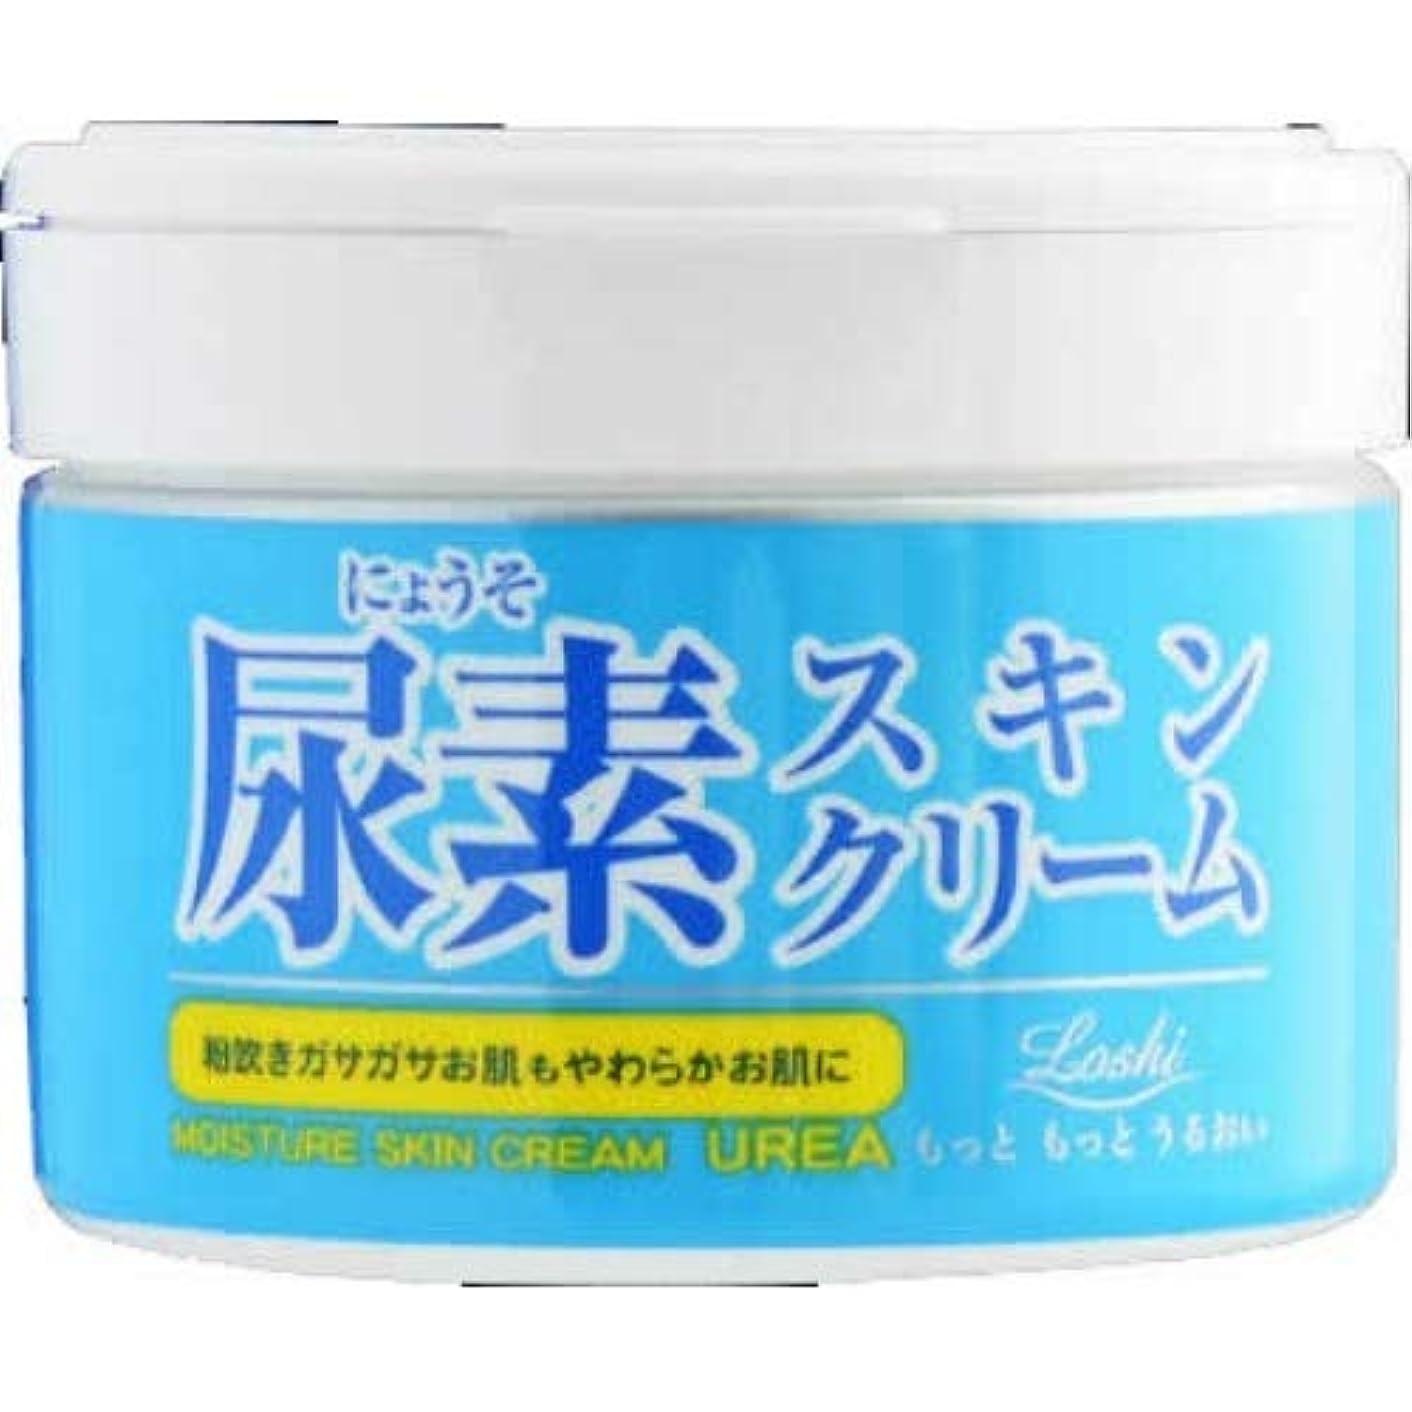 手入れ影響する種ロッシモイストエイド 尿素スキンクリーム 220g